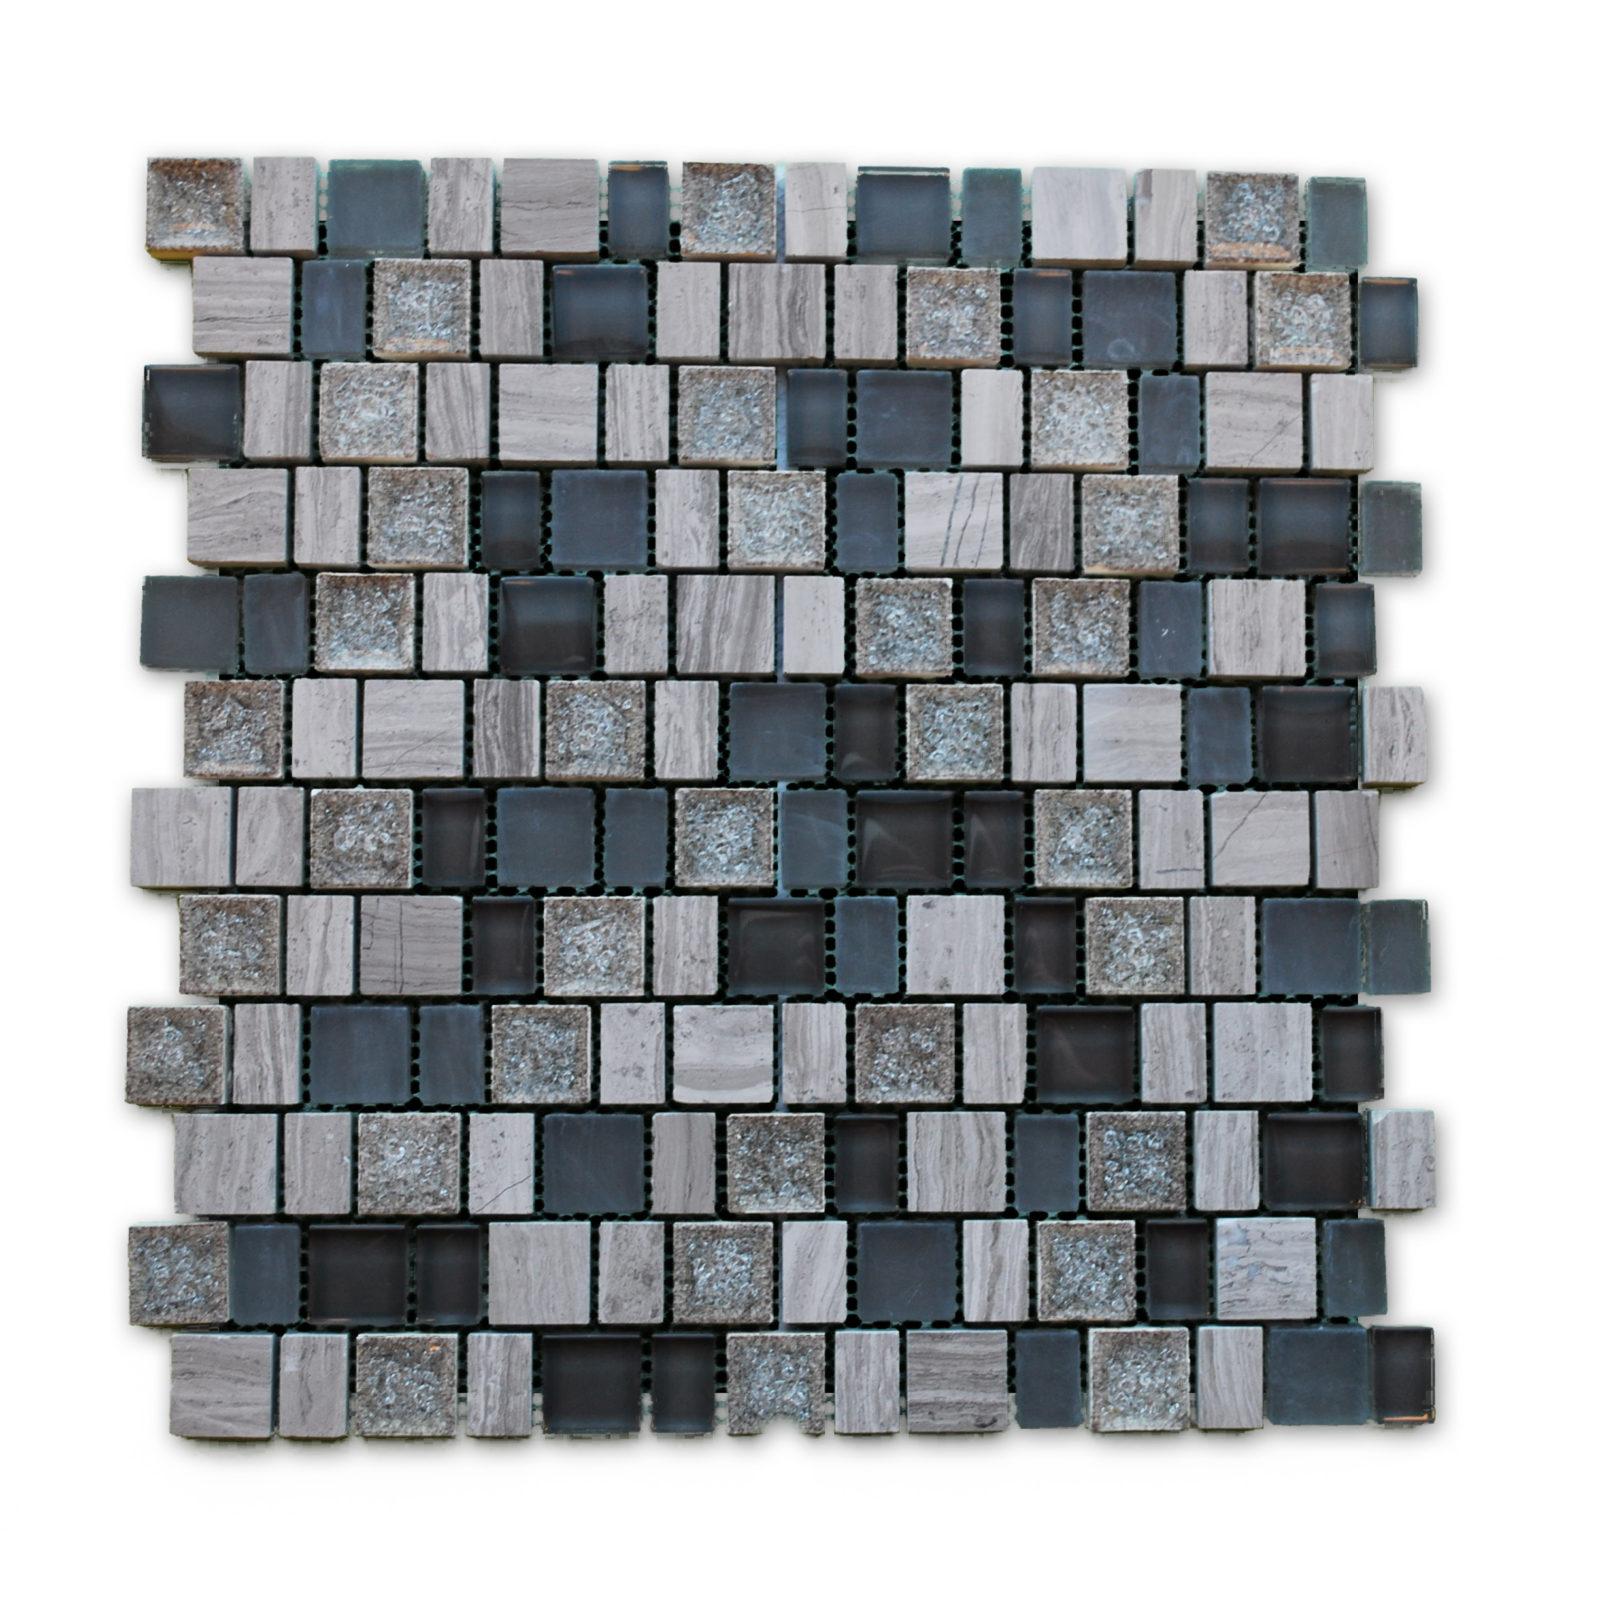 Crackled Grey